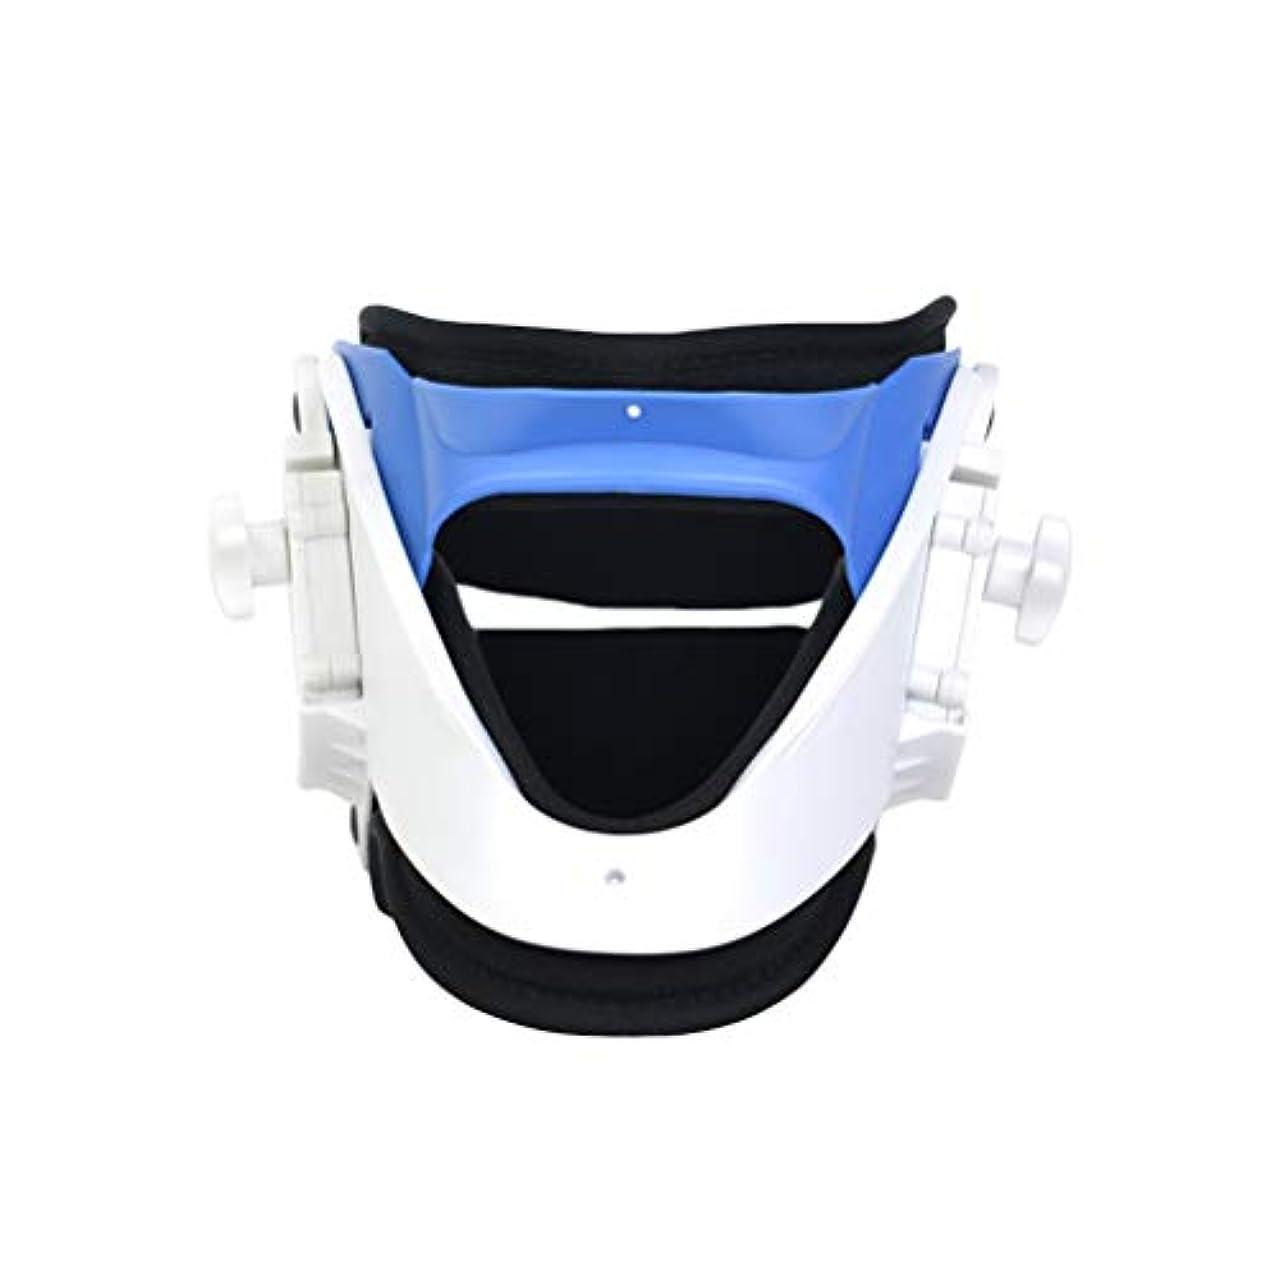 剥ぎ取る形成空港Healifty堅い首の苦痛救助の傷害回復のための通気性の首サポート支柱調節可能な頚部つば